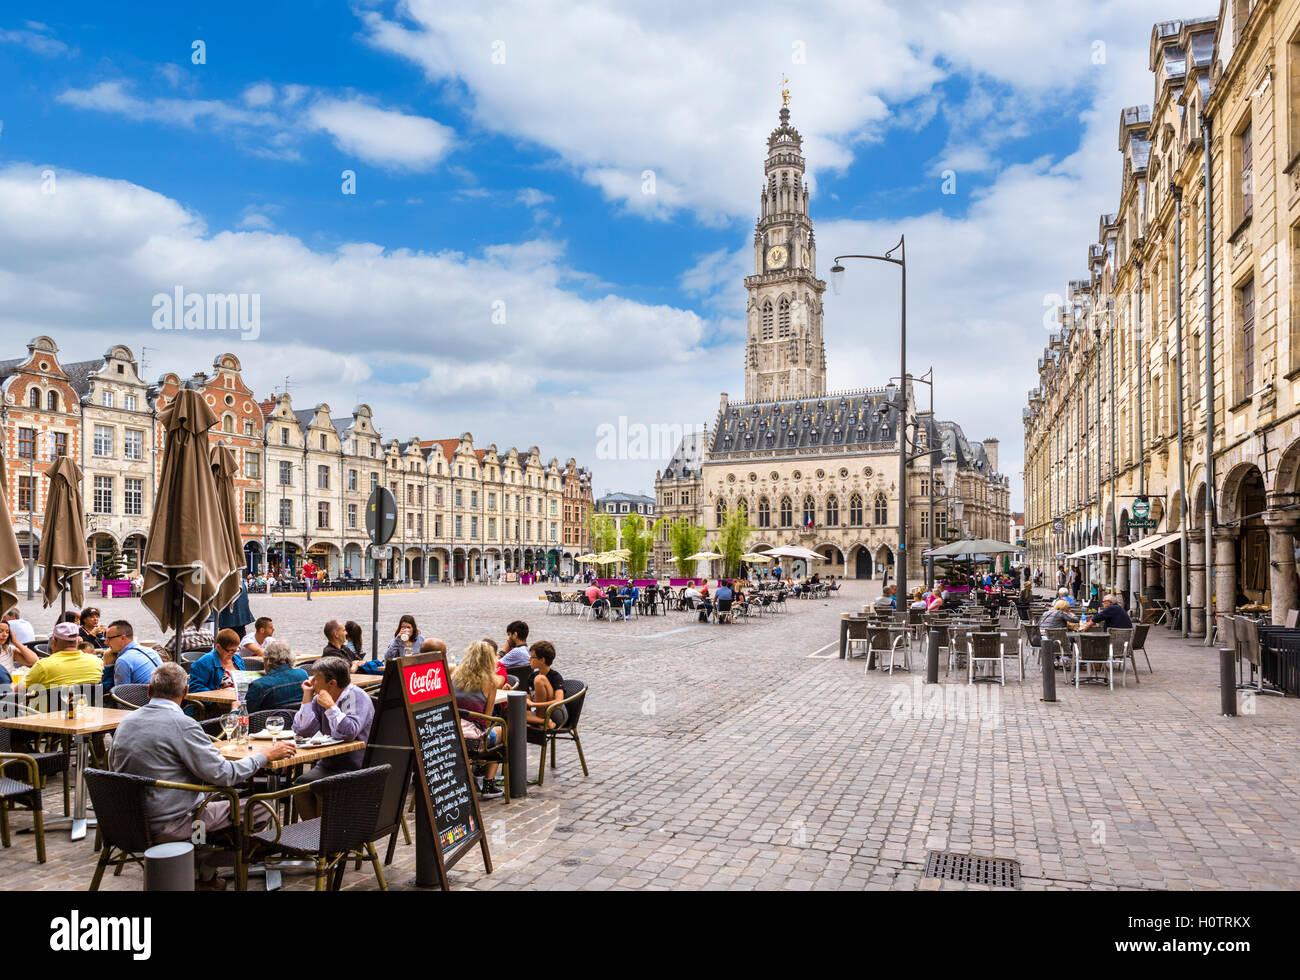 Pavement cafes on La Place des Héros looking towards the Town Hall, Arras, Pas de Calais, France - Stock Image